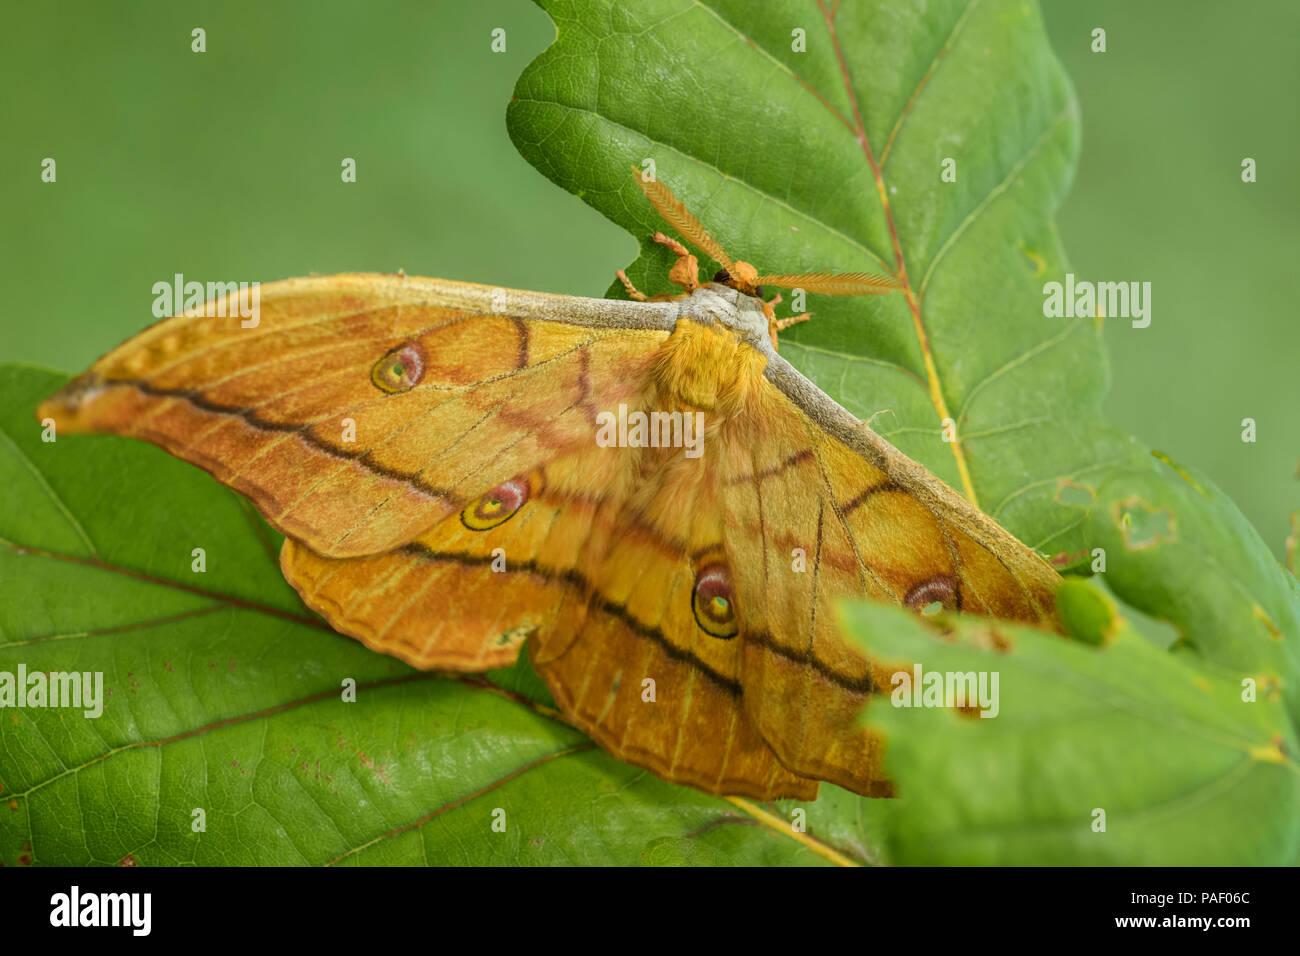 Quercia giapponese Silkmoth - Antheraea yamamai, grande giallo e arancione moth da East Asian boschi. Immagini Stock